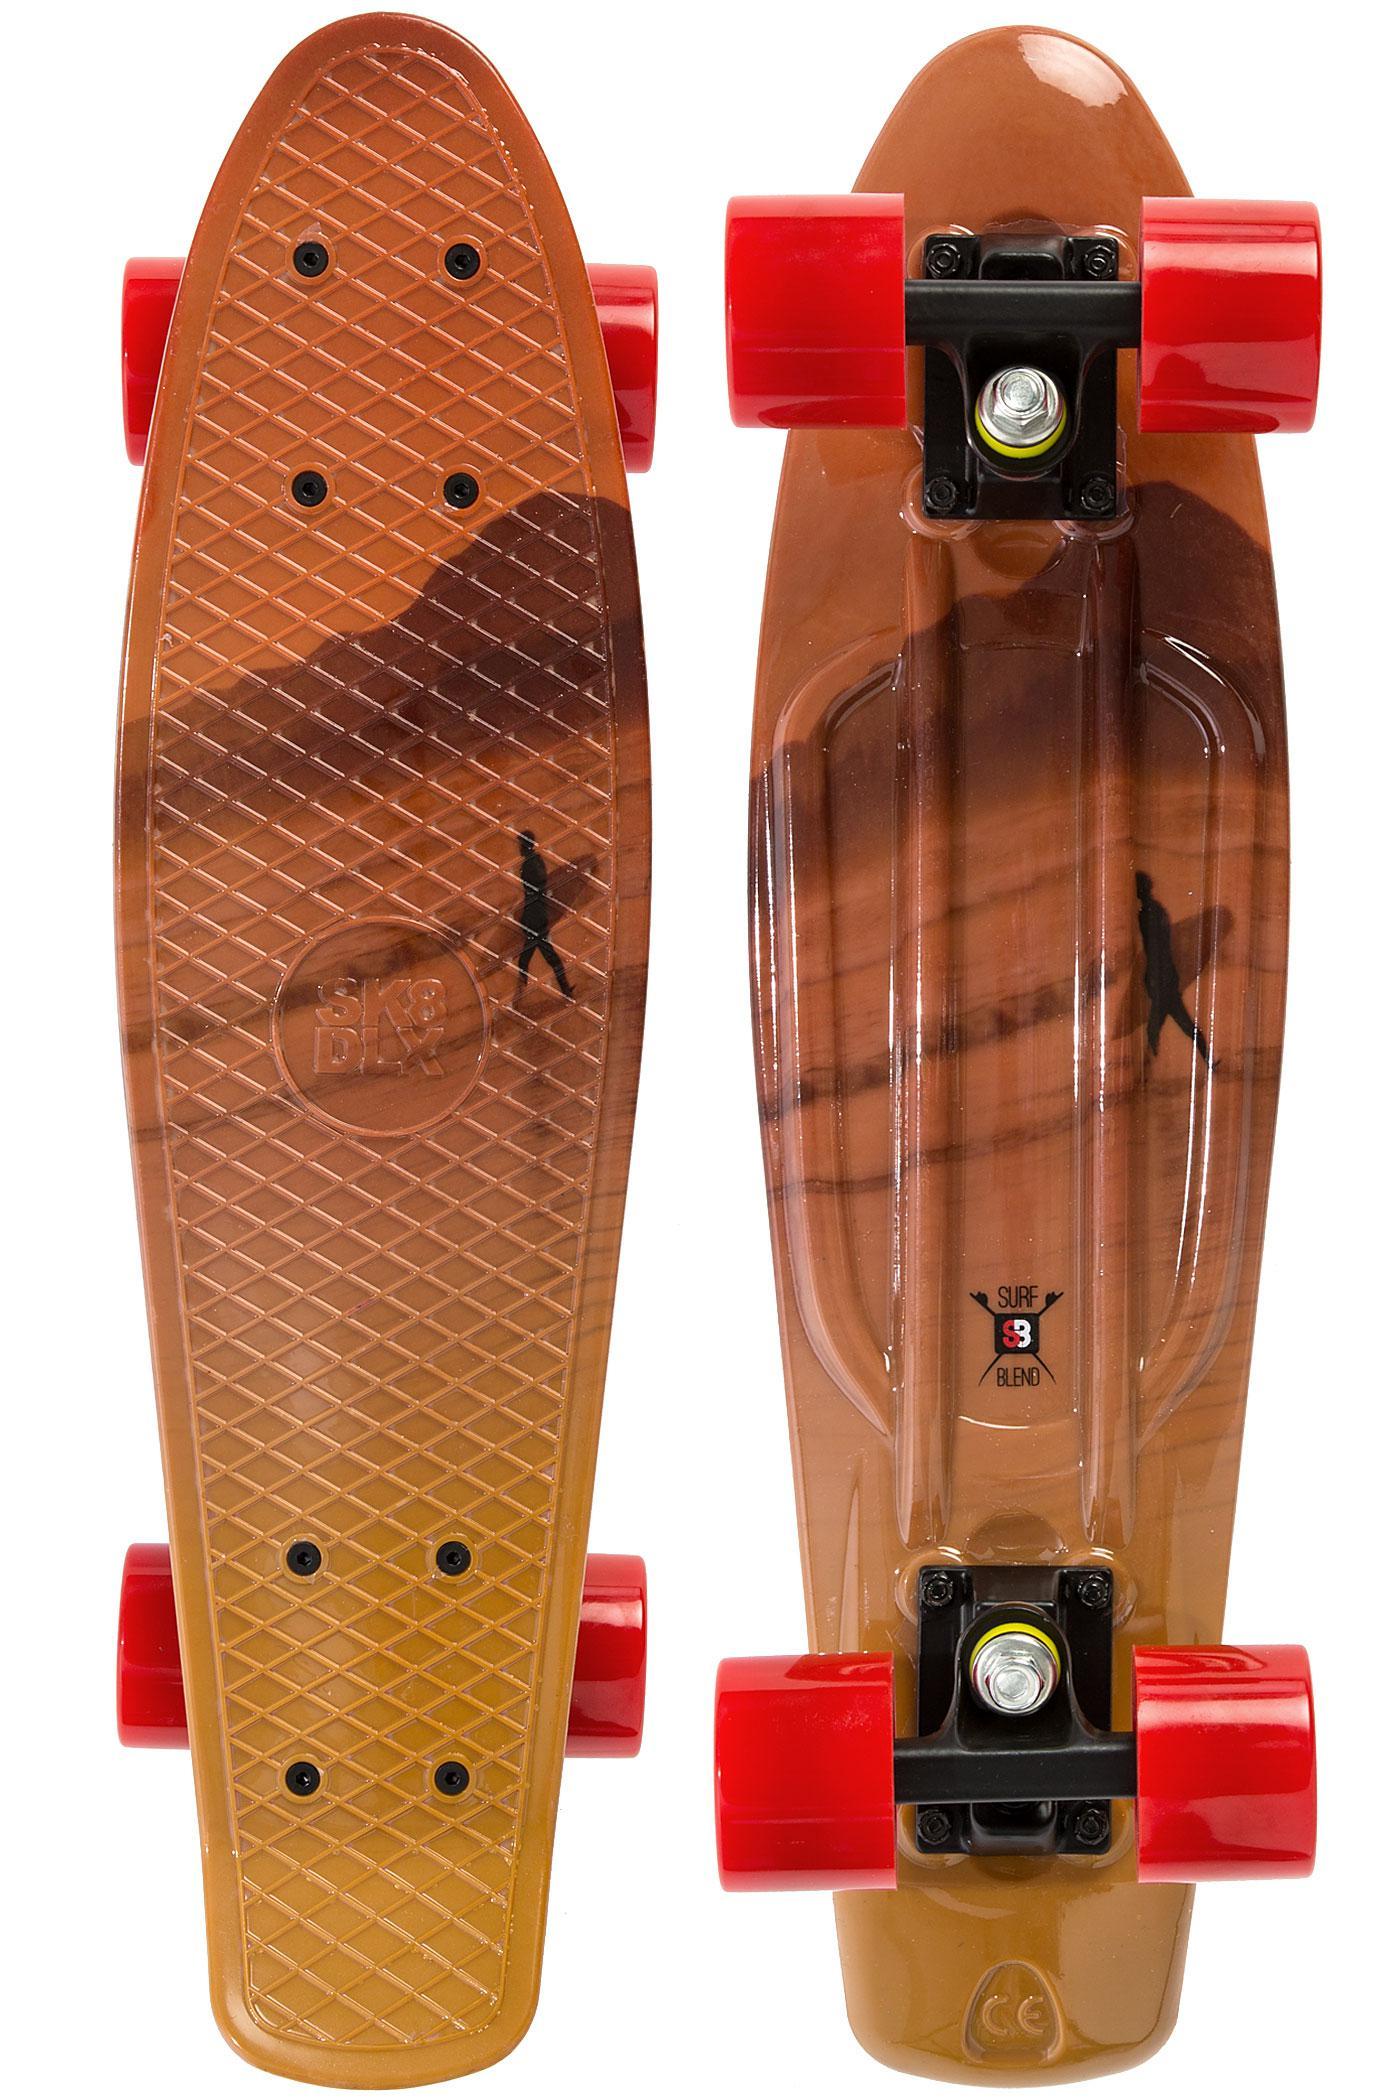 Skate SK8DLX x Surbflend Vinyl Cruiser - Jaune/Orange